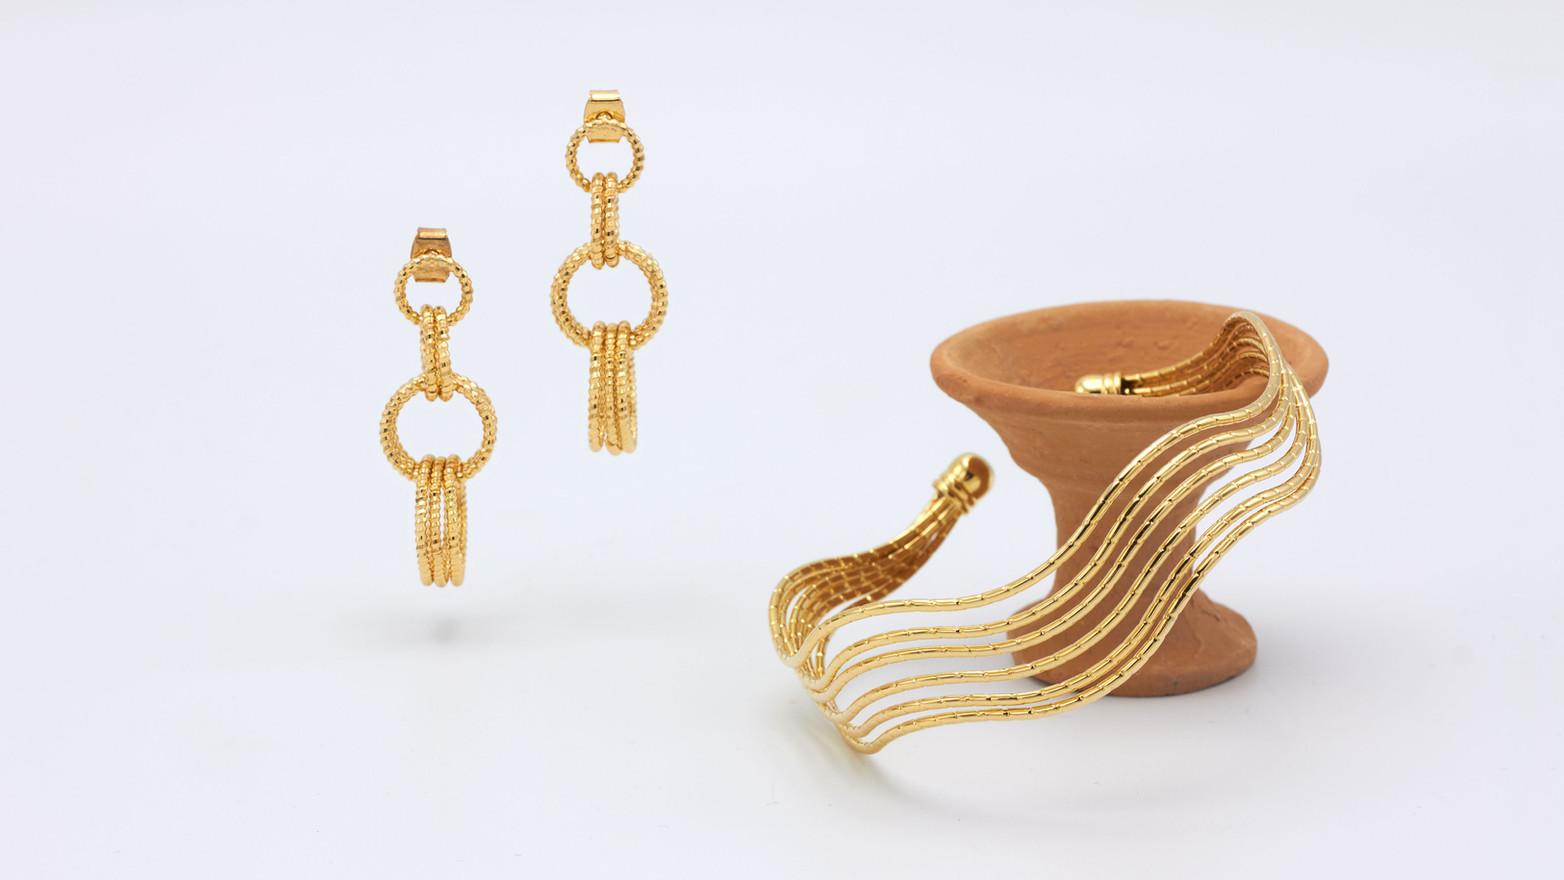 Schmuckstücke aus der Sélection Actuelle mit Schmuck aus der Herbst Kollektion mit Goldohrringen und einem goldenen Armreif